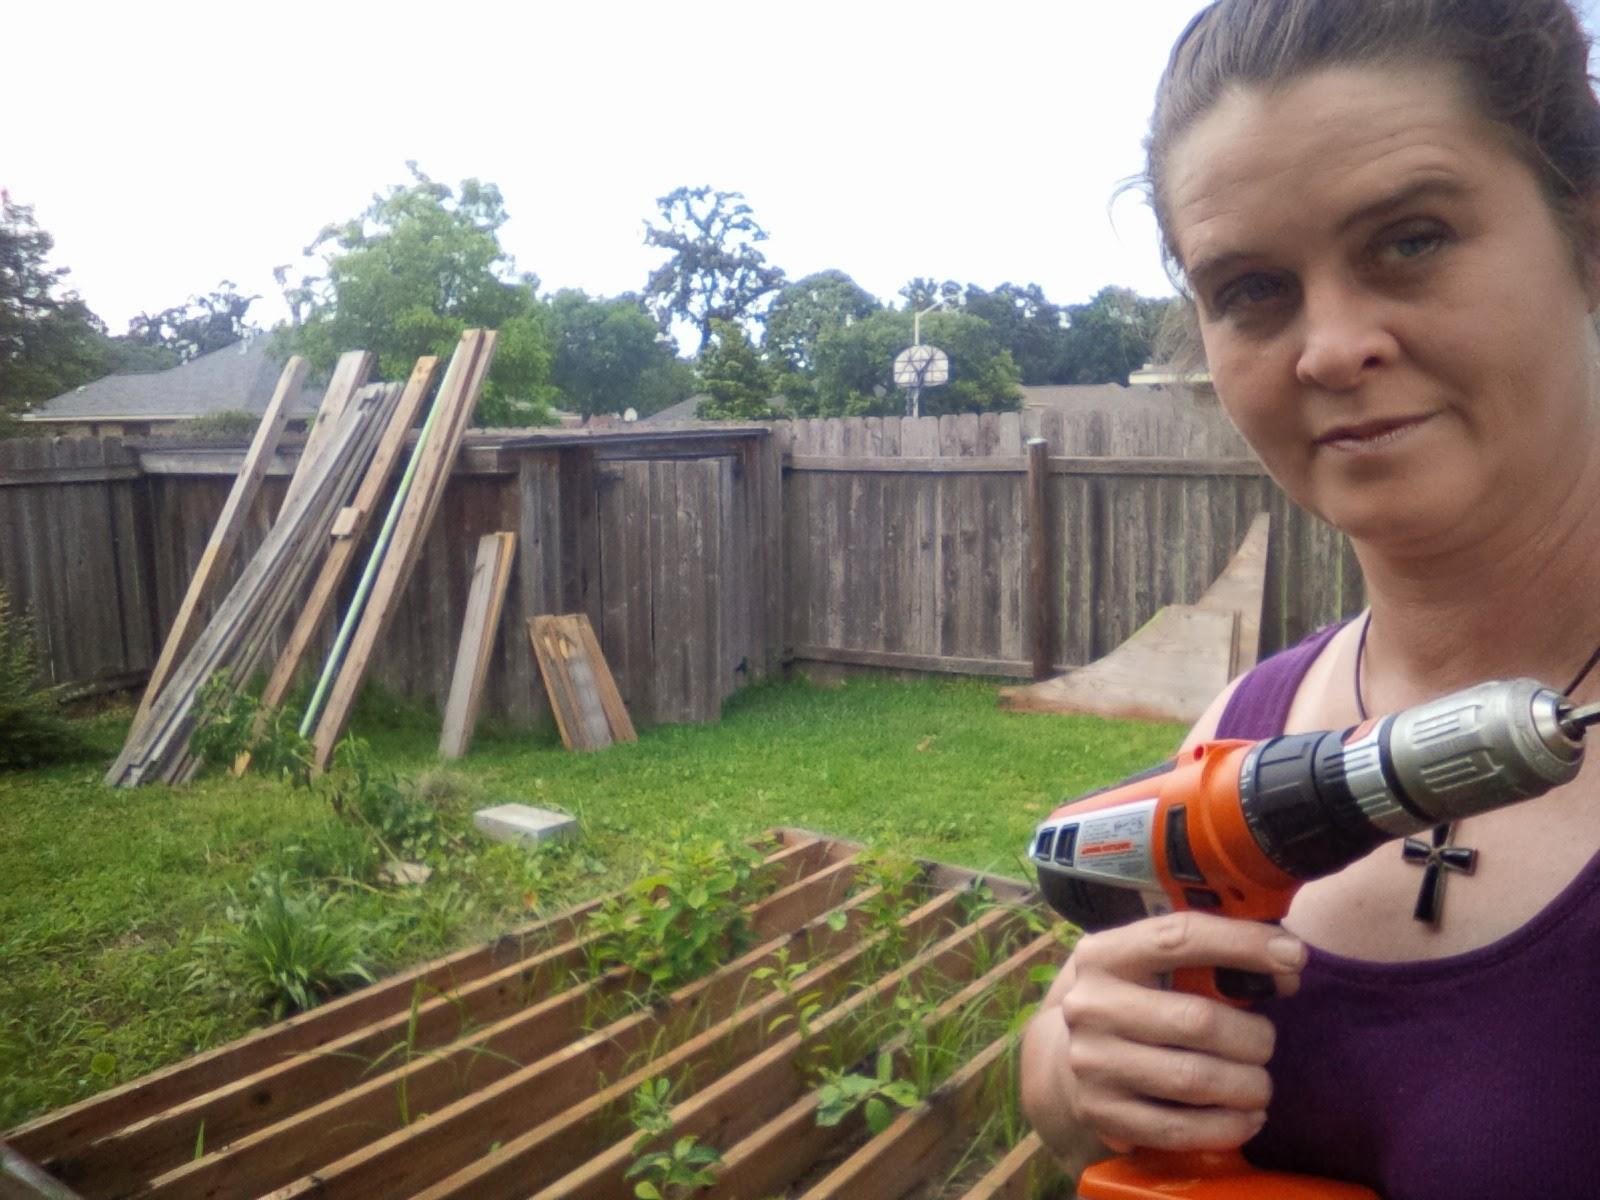 http://3.bp.blogspot.com/-QWnZPUKcmjo/U5JSeQE4v3I/AAAAAAAADmE/JaO8pYcuac4/s1600/GARDEN_making+raised+gardens+4x4,+May+31,+2014+(9).jpg.jpg